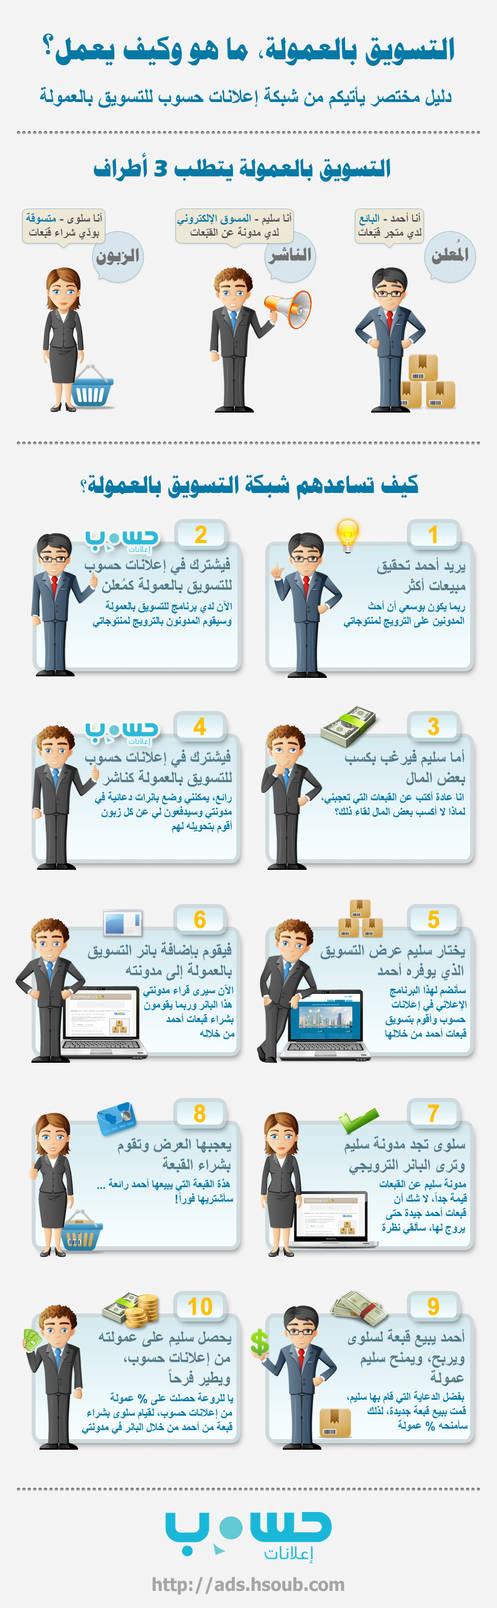 Hsoub.com Infographic